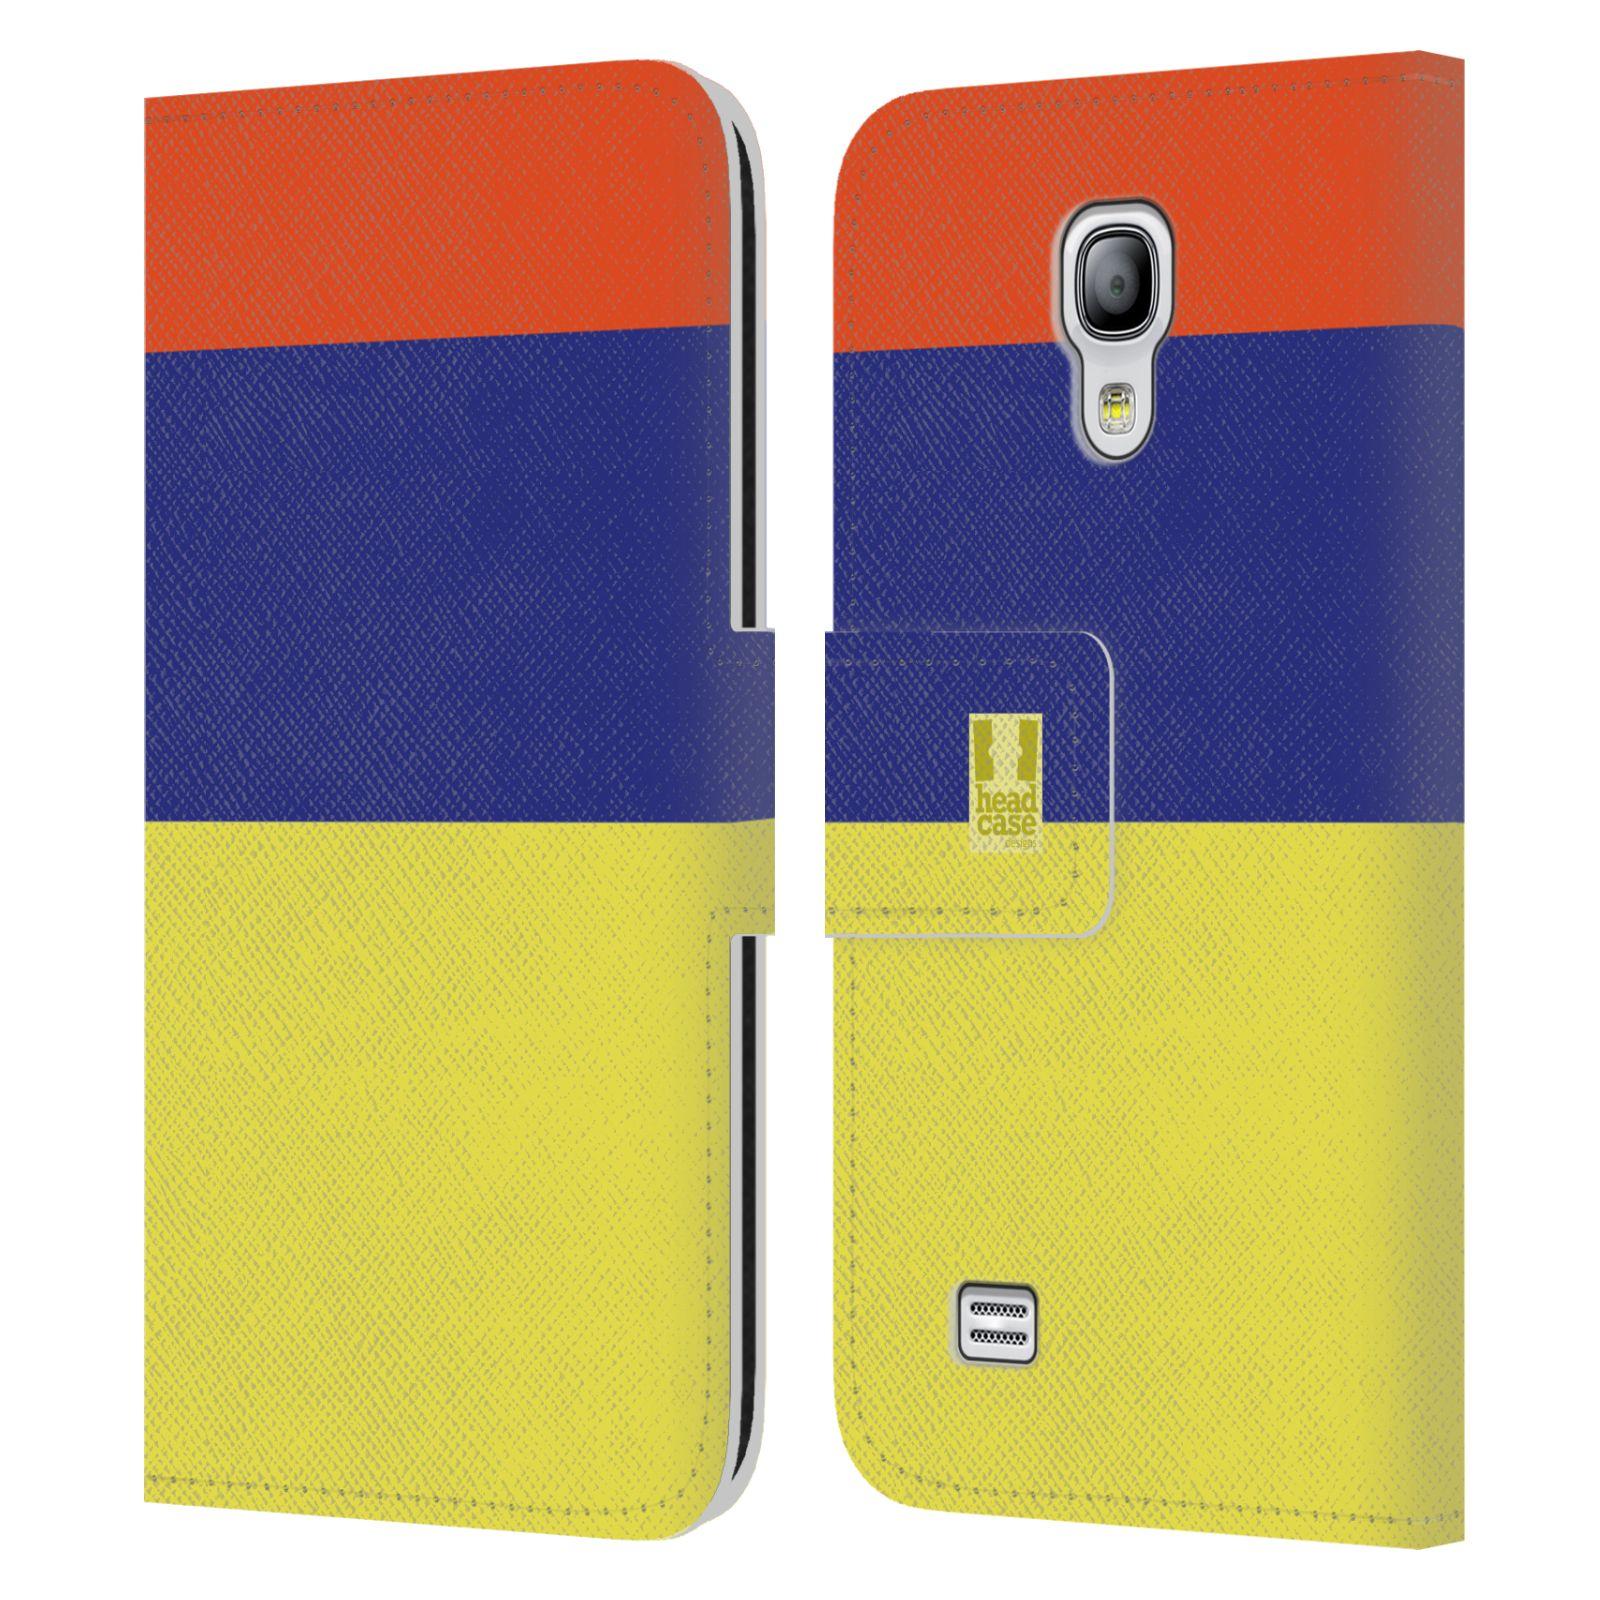 HEAD CASE Flipové pouzdro pro mobil Samsung Galaxy S4 MINI barevné tvary žlutá, modrá, červená